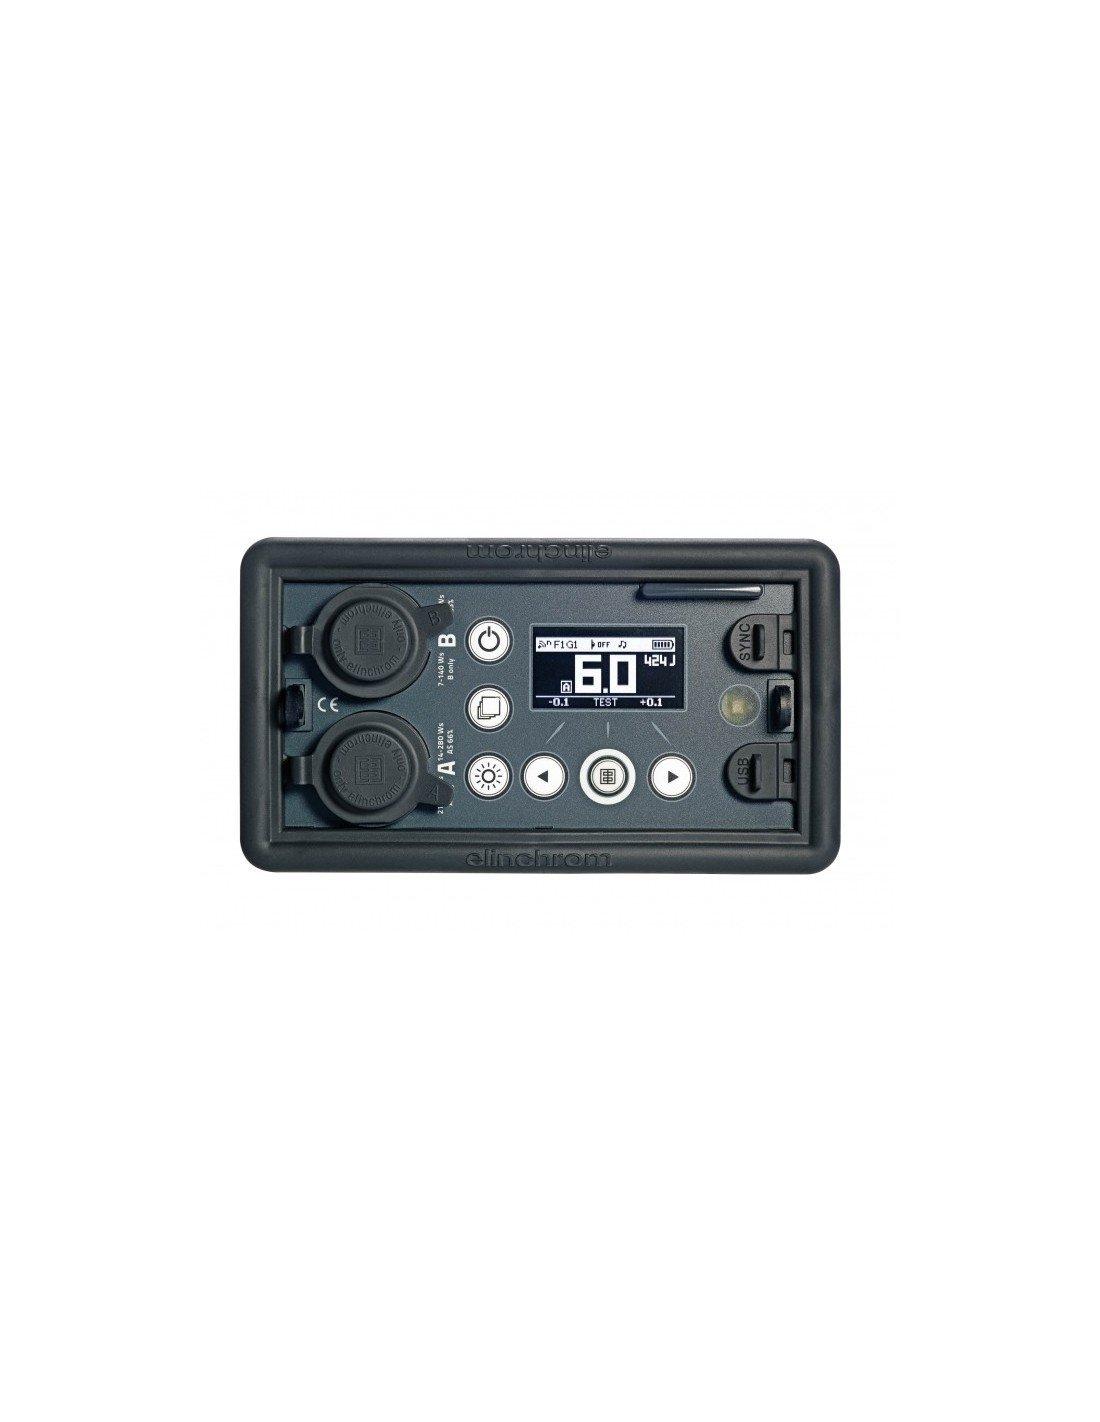 DISPARADOR para Olympus E-410 E-420 E-450 E-620 E-30 E-400 mando remoto